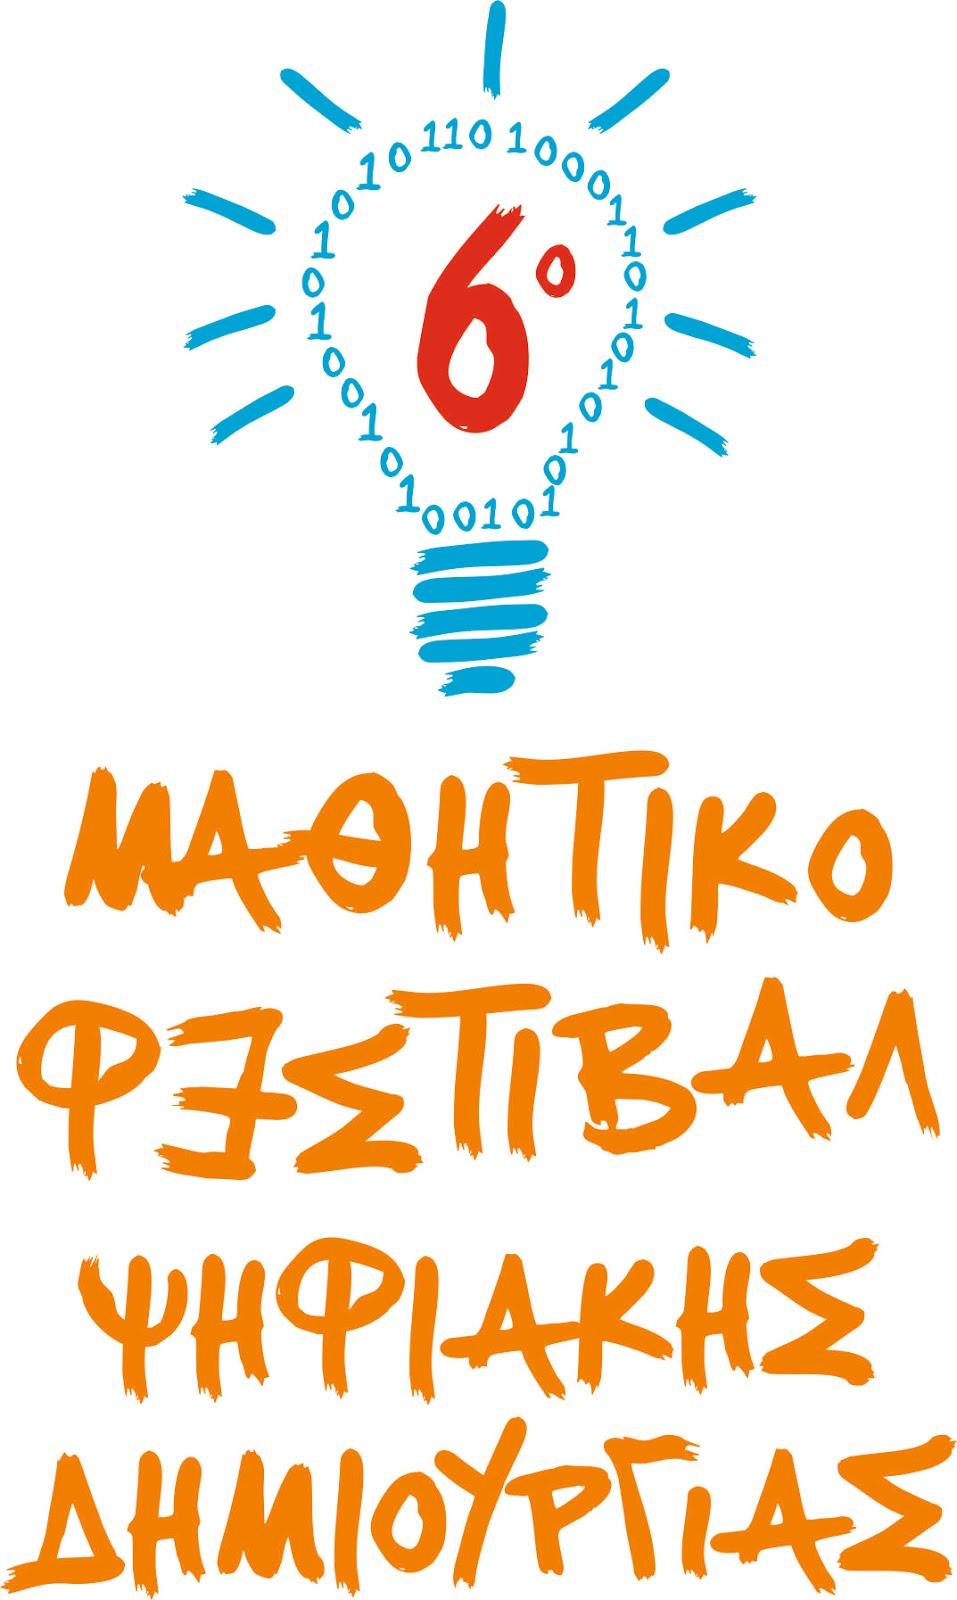 6ο Μαθητικο Φεστιβάλ Ψηφιακής Δημιουργίας